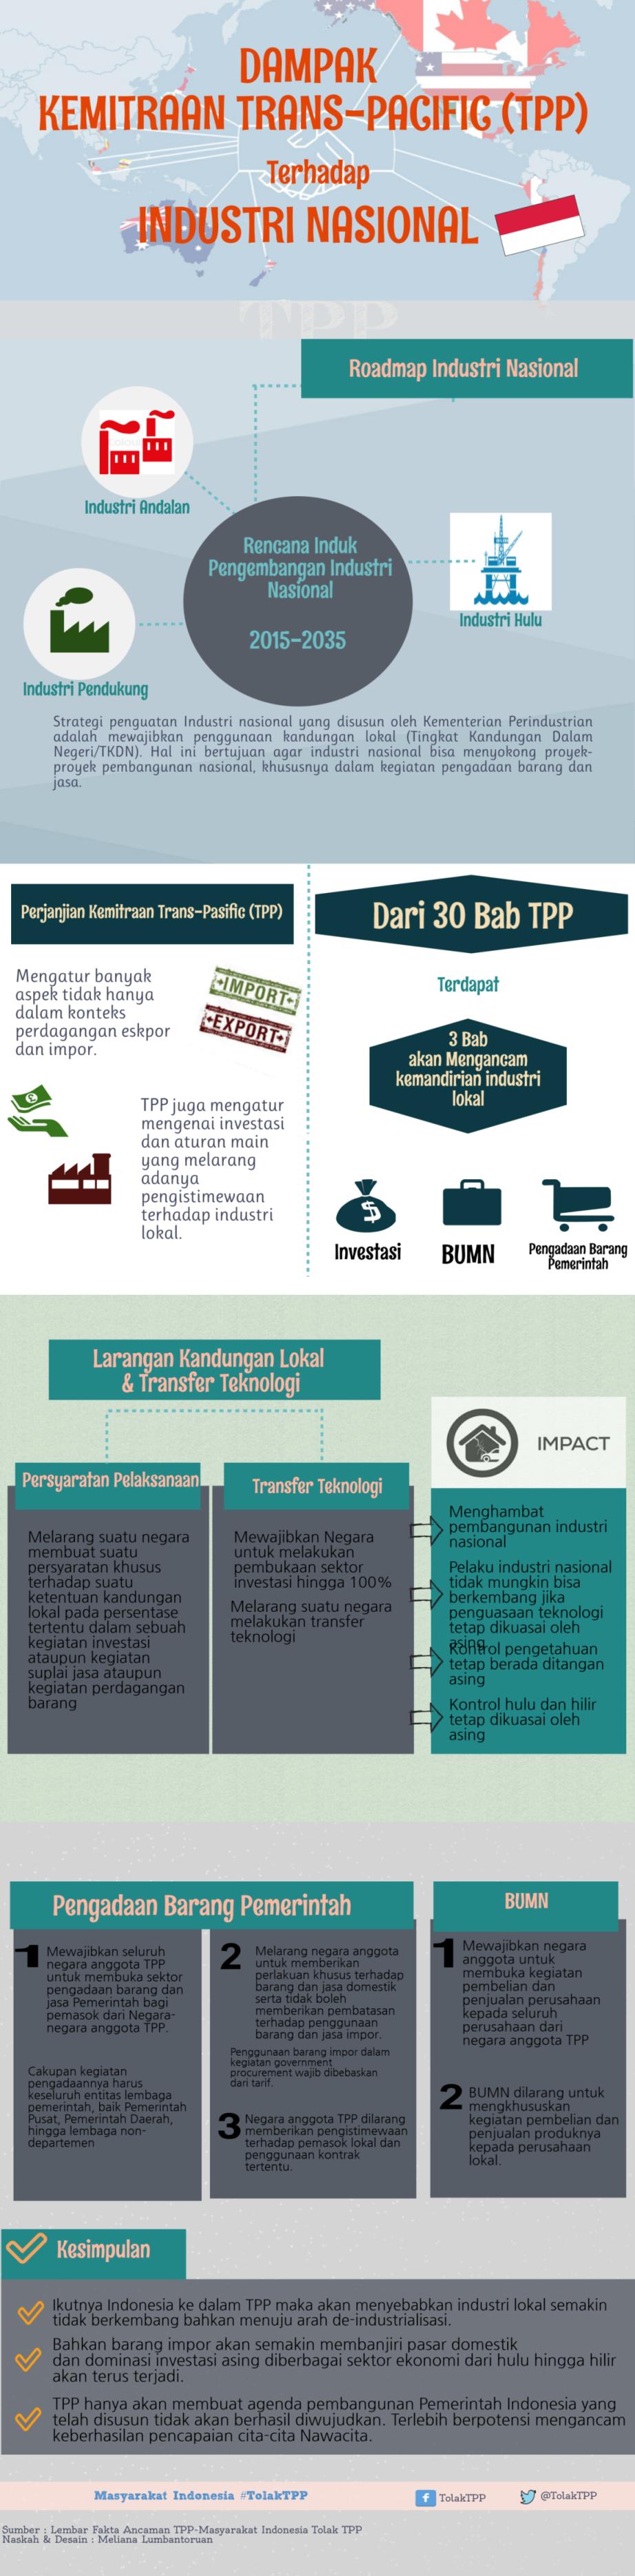 TPP dan Industri Nasional Indonesia